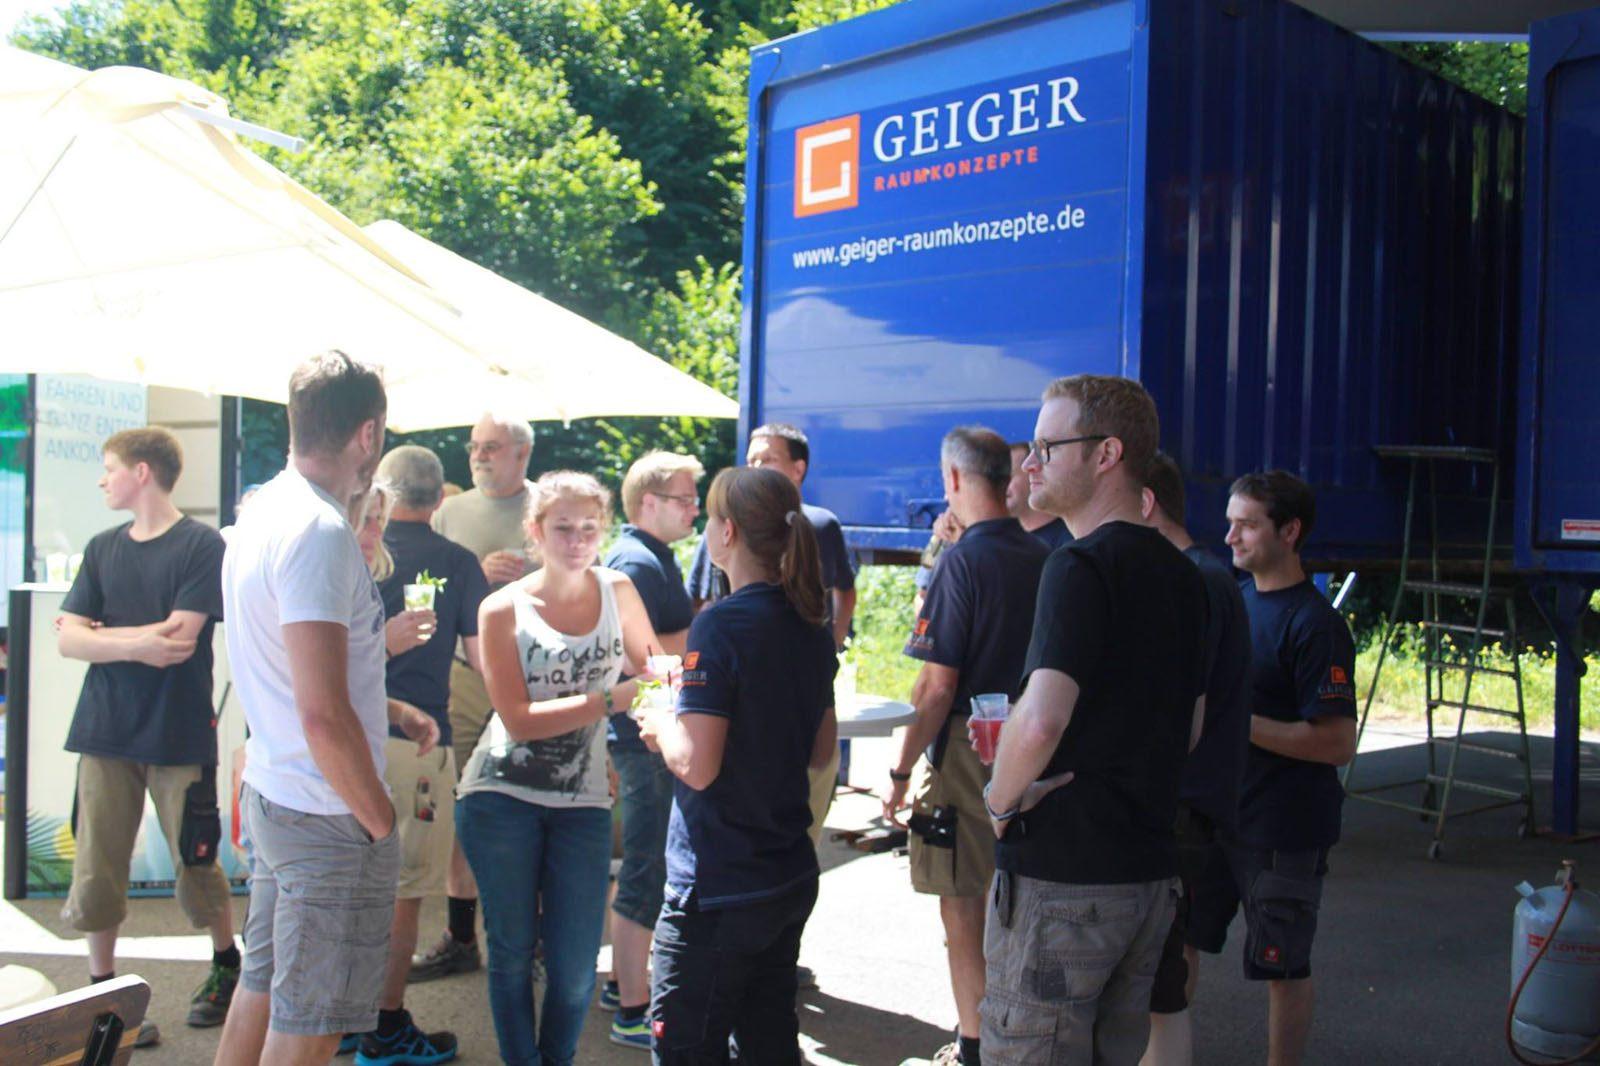 Geiger Raumkonzepte - 65 Minuten Mittagspause mit Hitradio Ohr